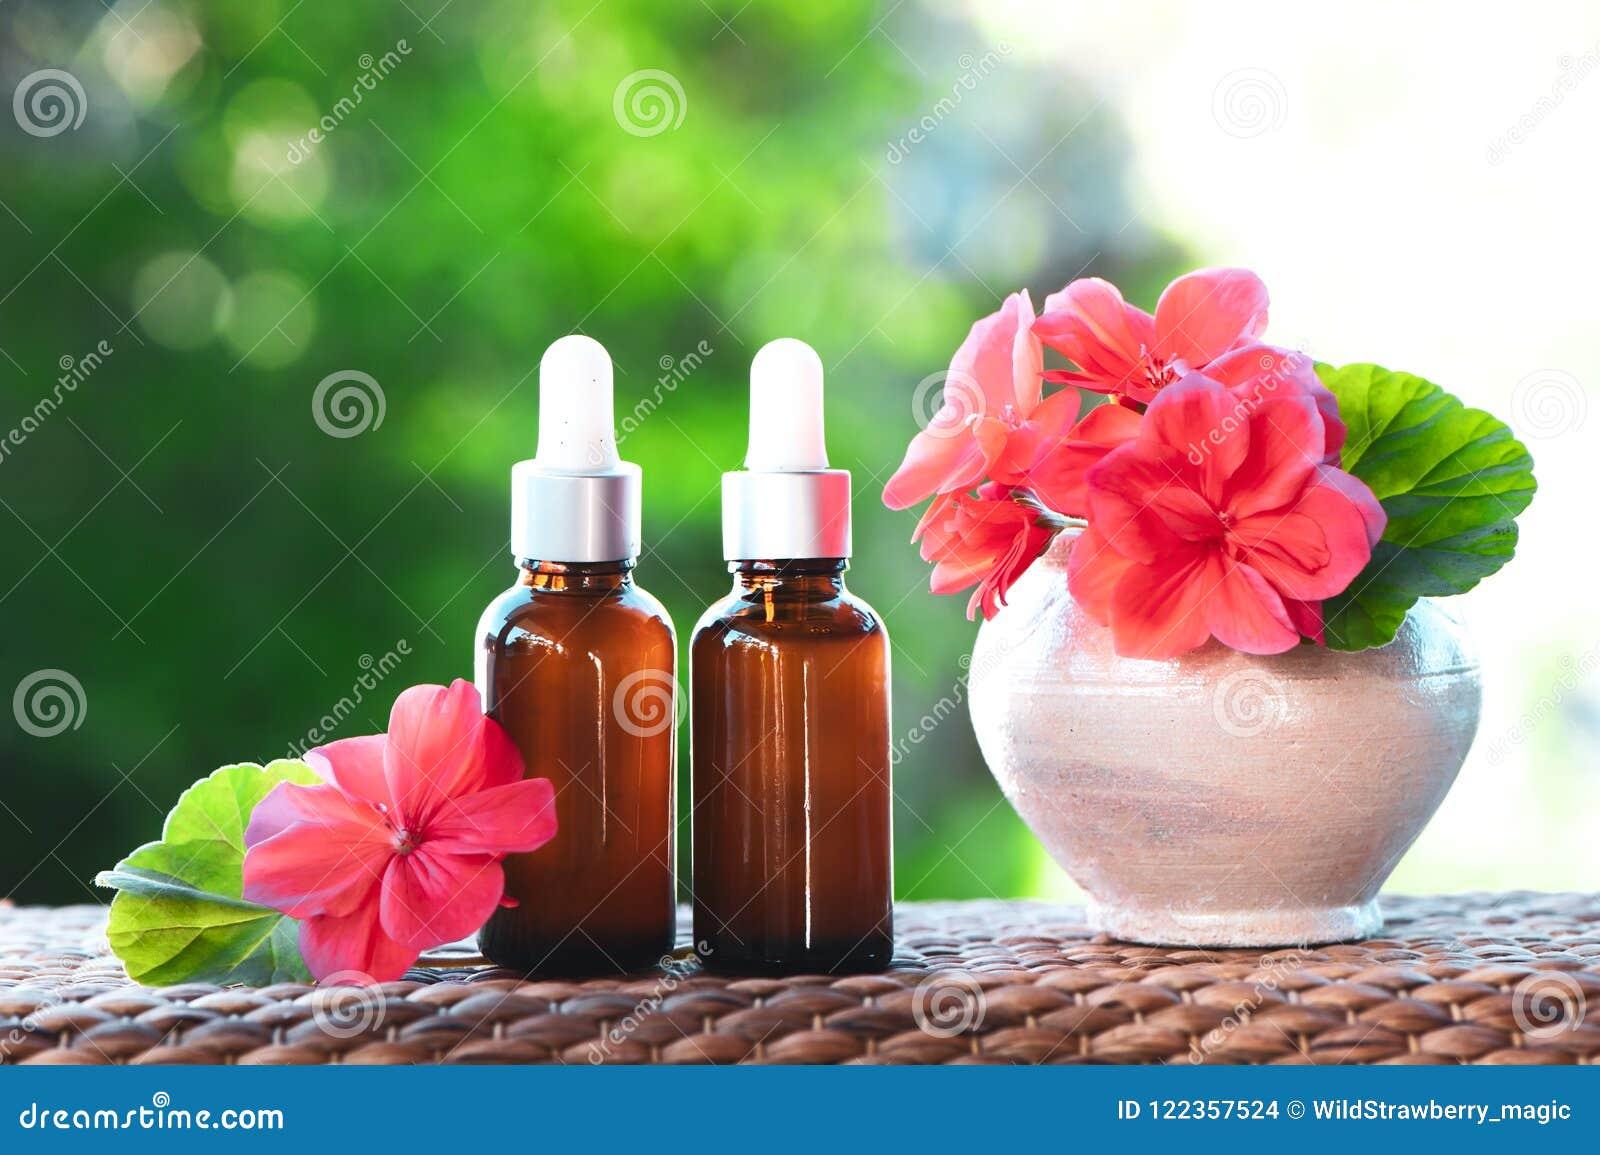 Botellas con aceite de geranio, la flor fresca y las hojas en un natural